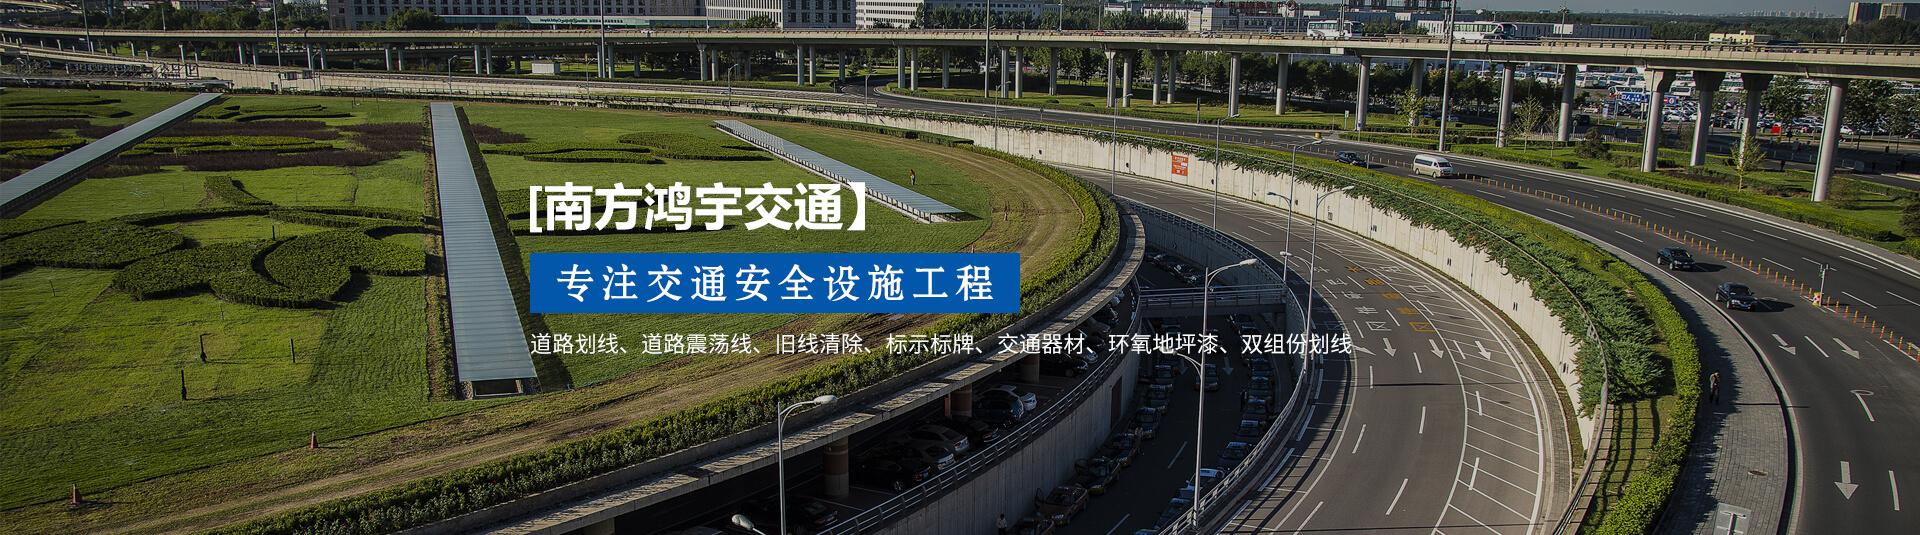 贵阳交通划线厂家